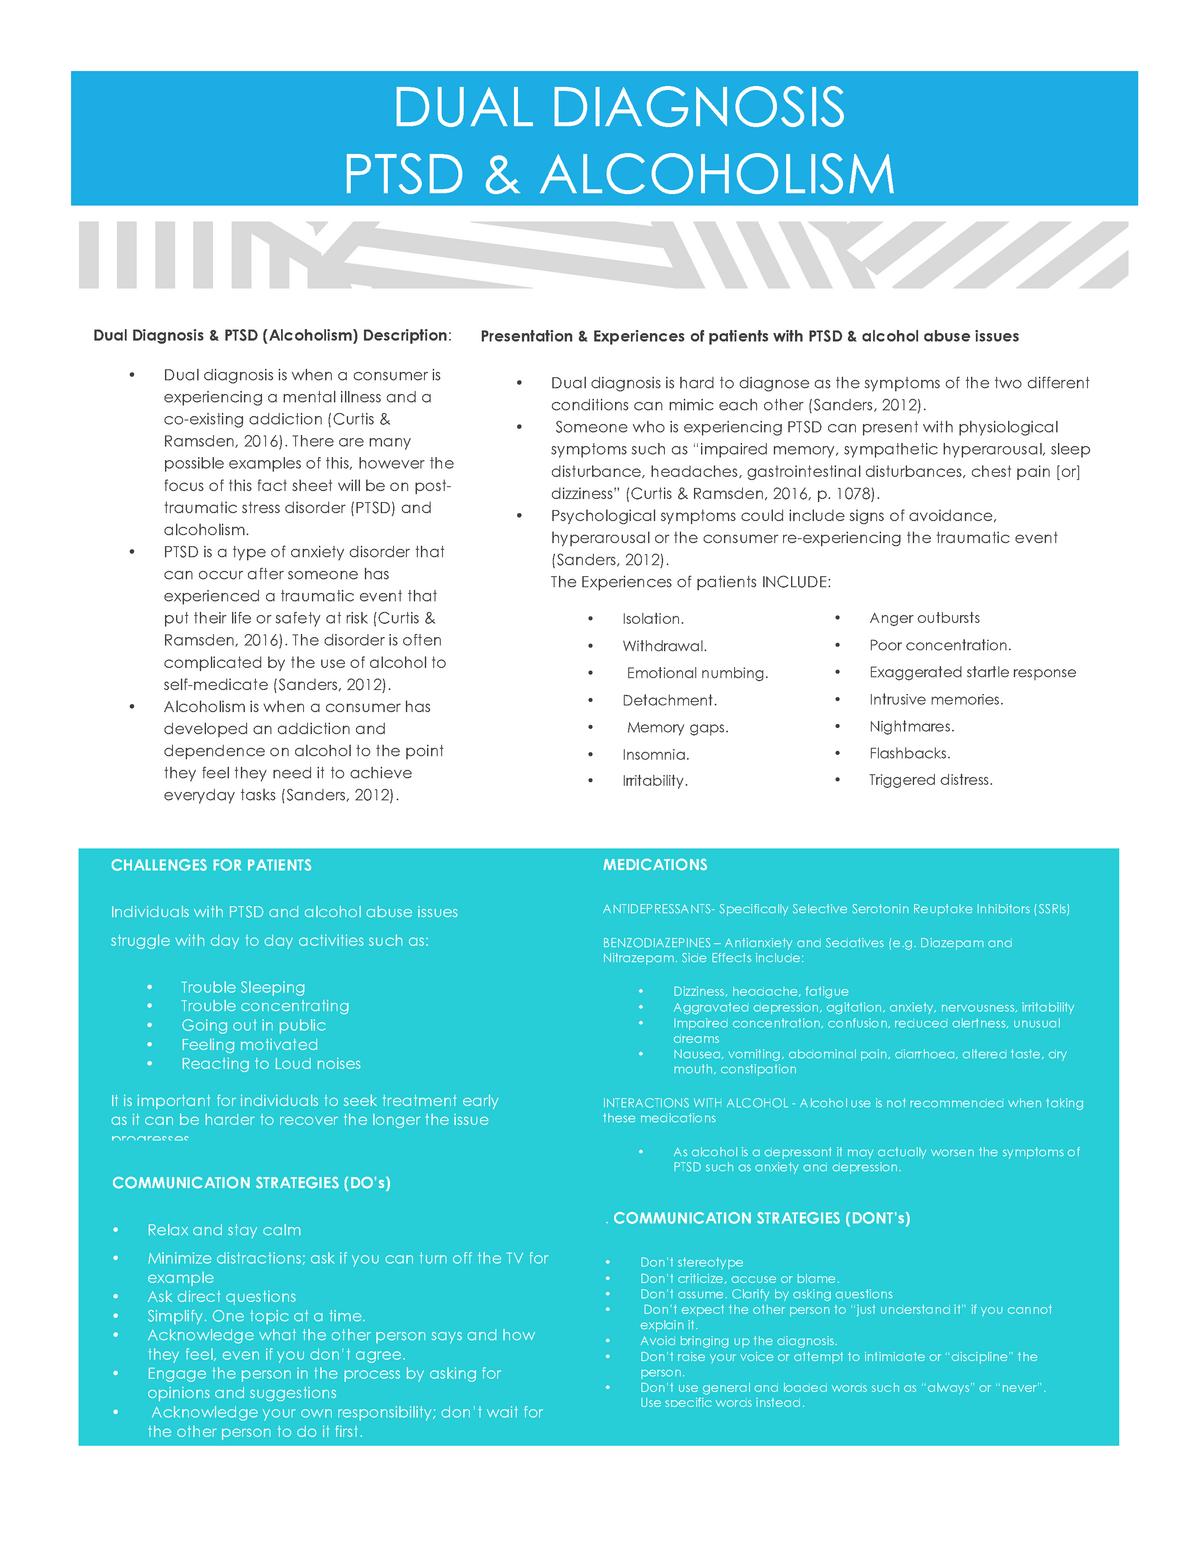 DUAL Diagnosis FACT Sheet 2 - PARA207 : Paramedic Practice: Mental